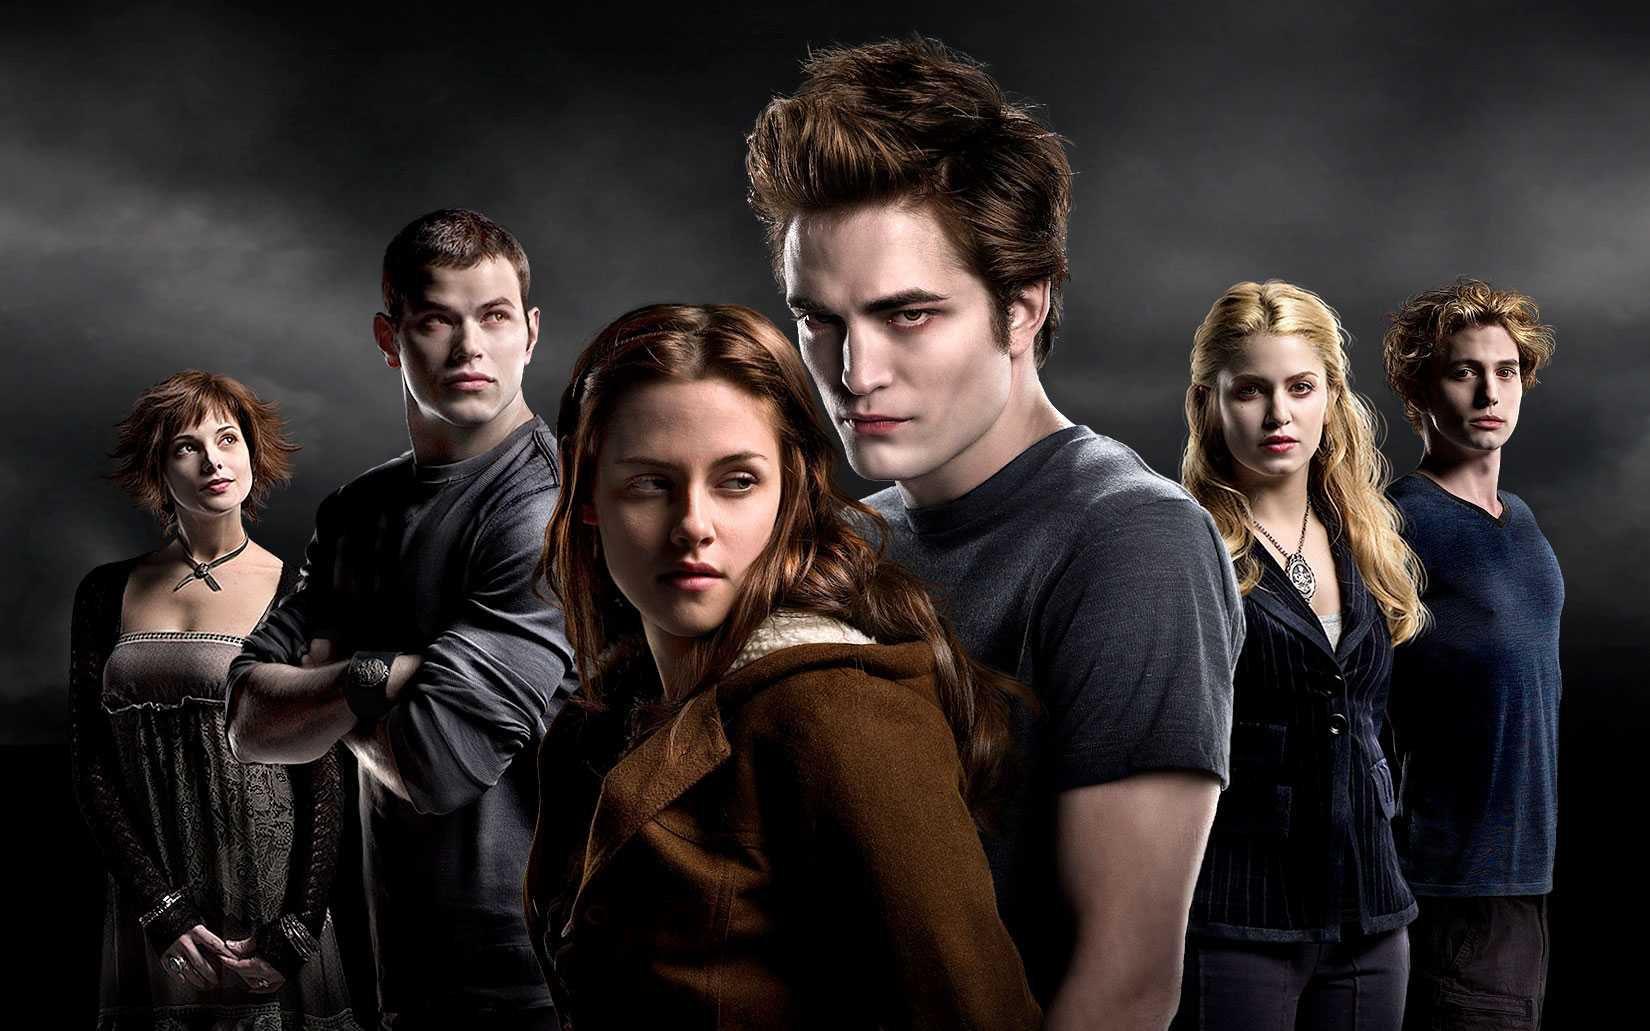 Italia1, anticipazioni: ritorna in TV l'appassionante storia di Twilight, in onda da venerdì, 10 aprile 2020